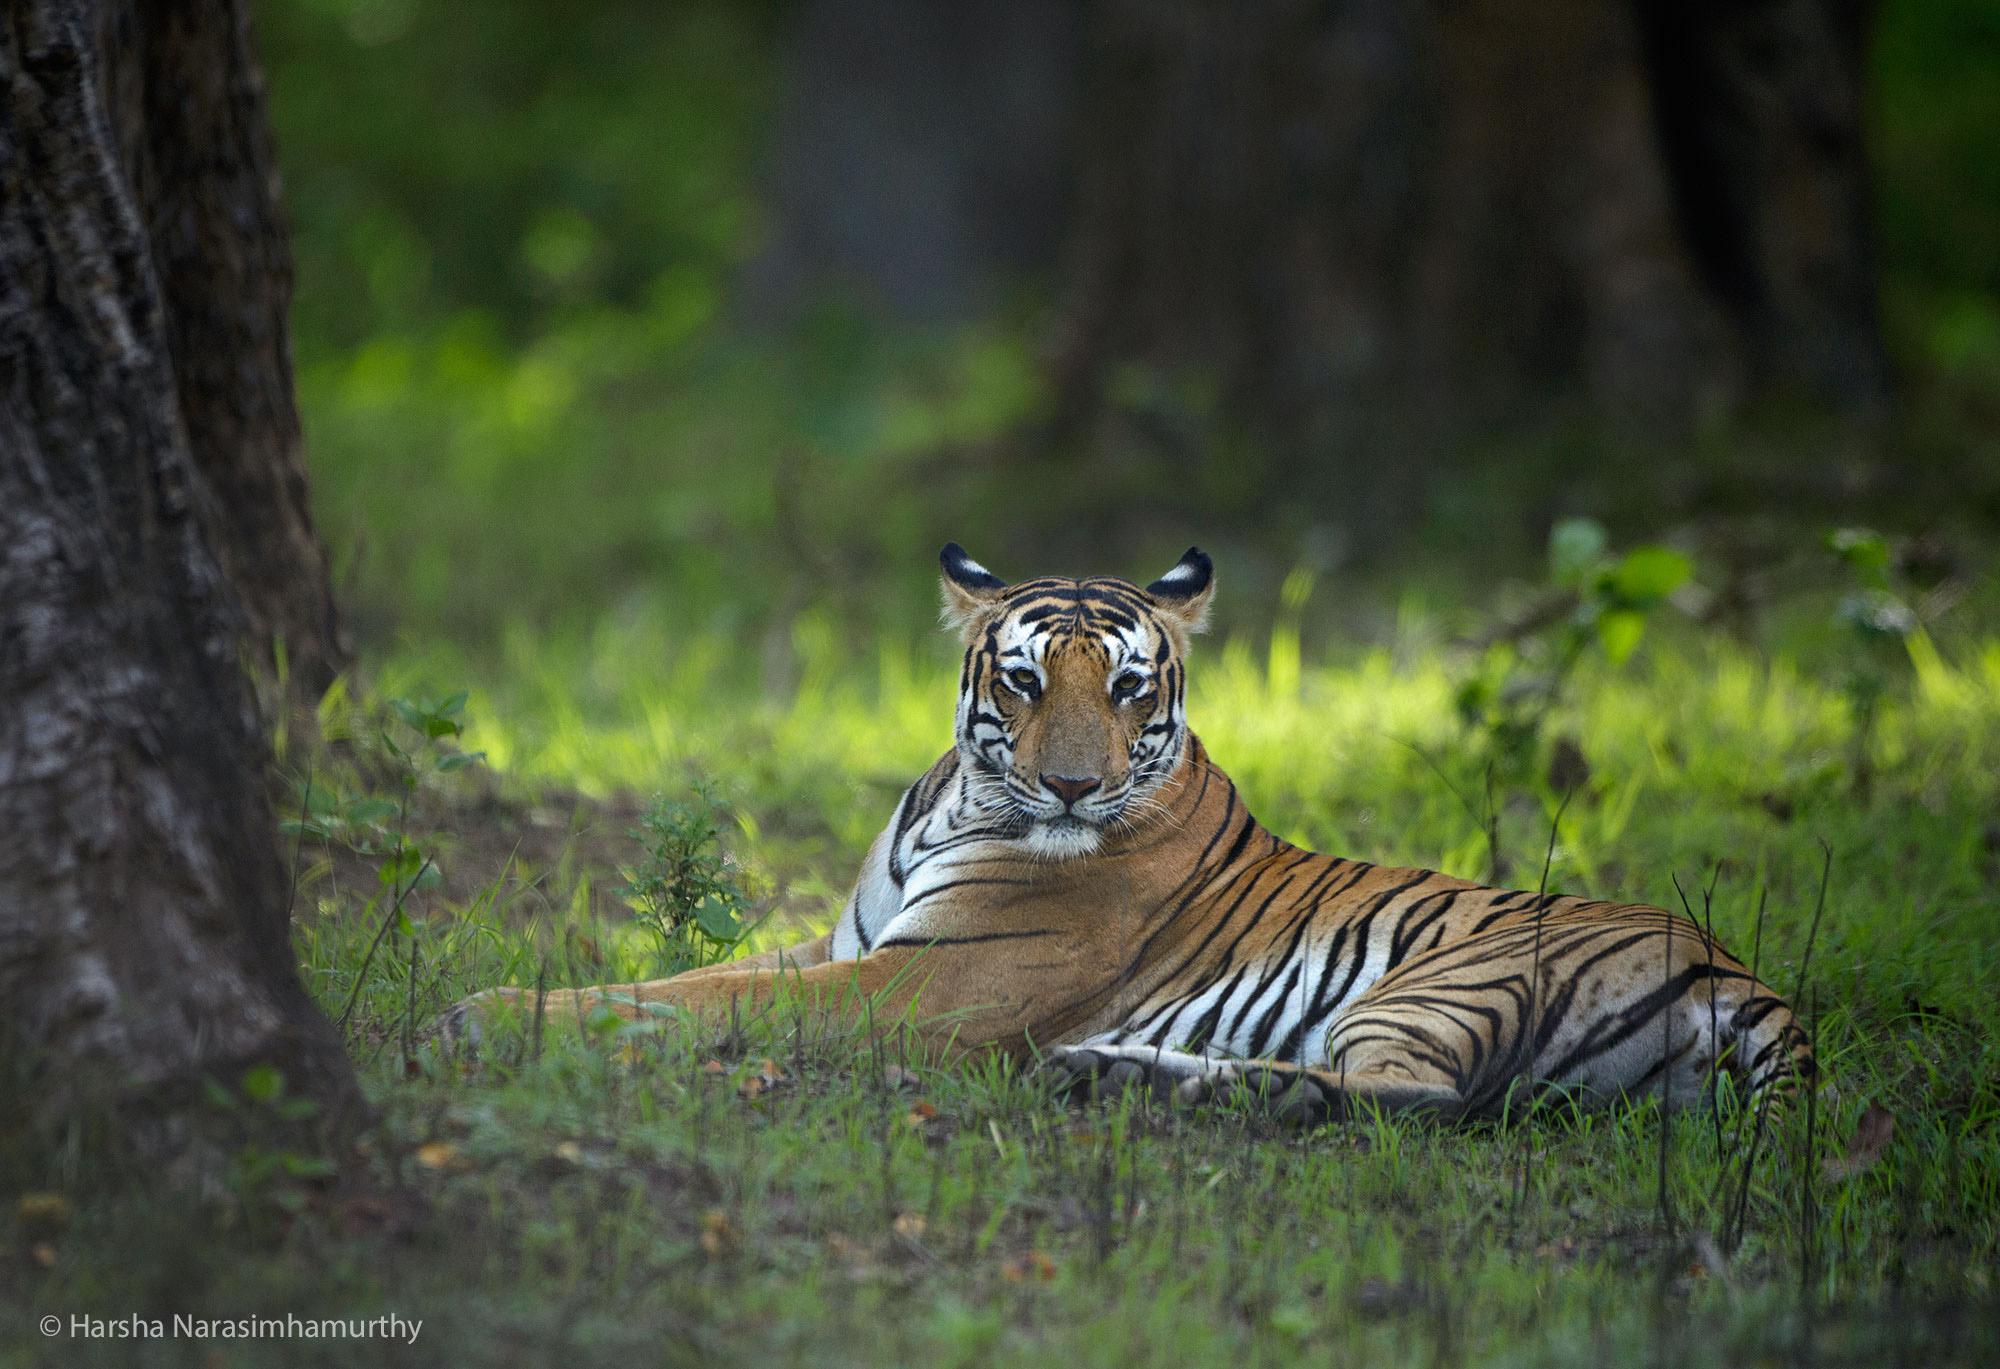 © Harsha Narasimhamurthy